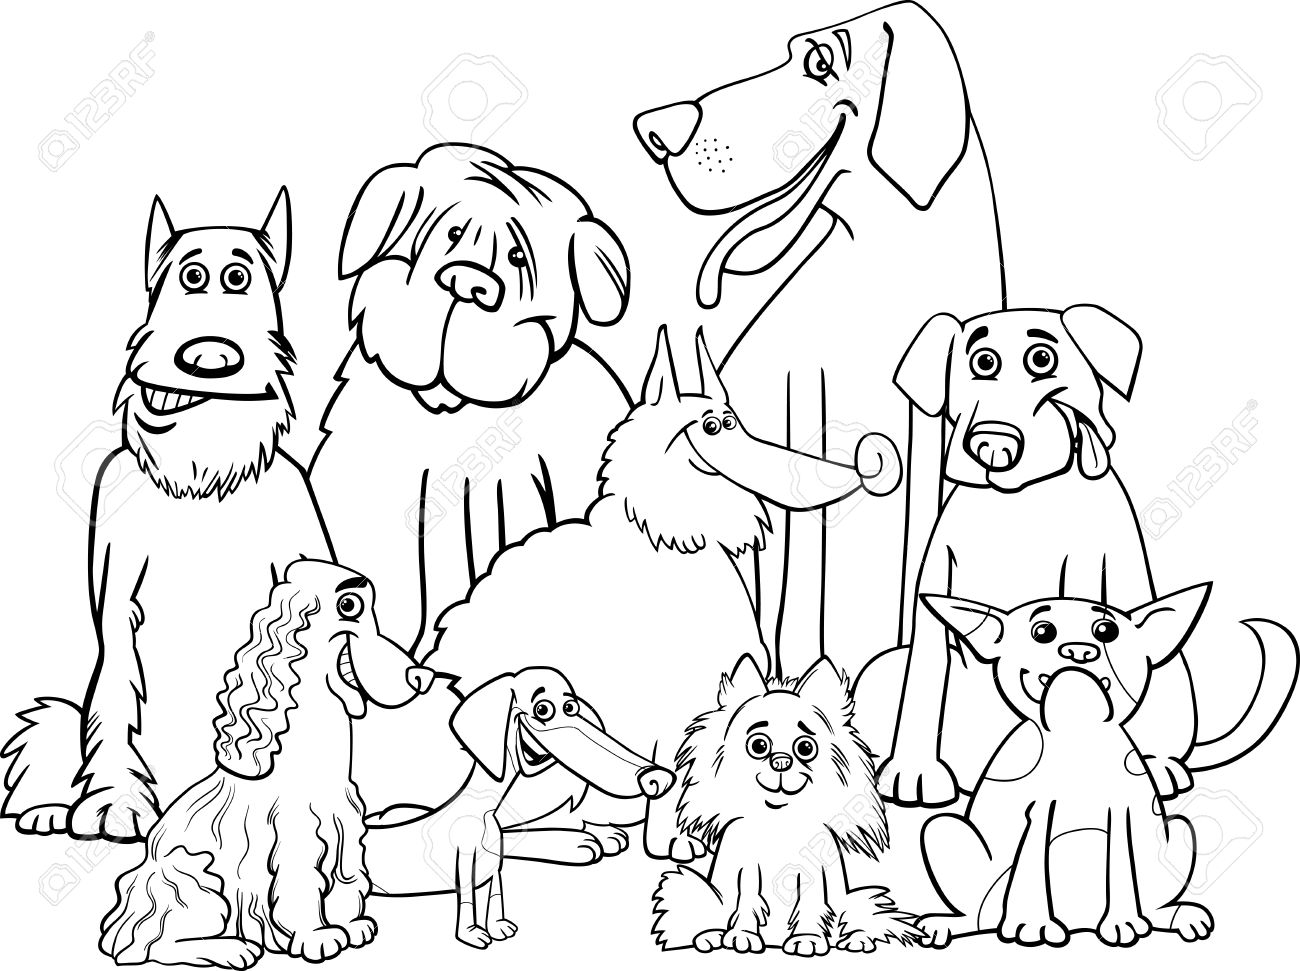 塗り絵純血種犬動物文字グループの黒と白の漫画イラストのイラスト素材